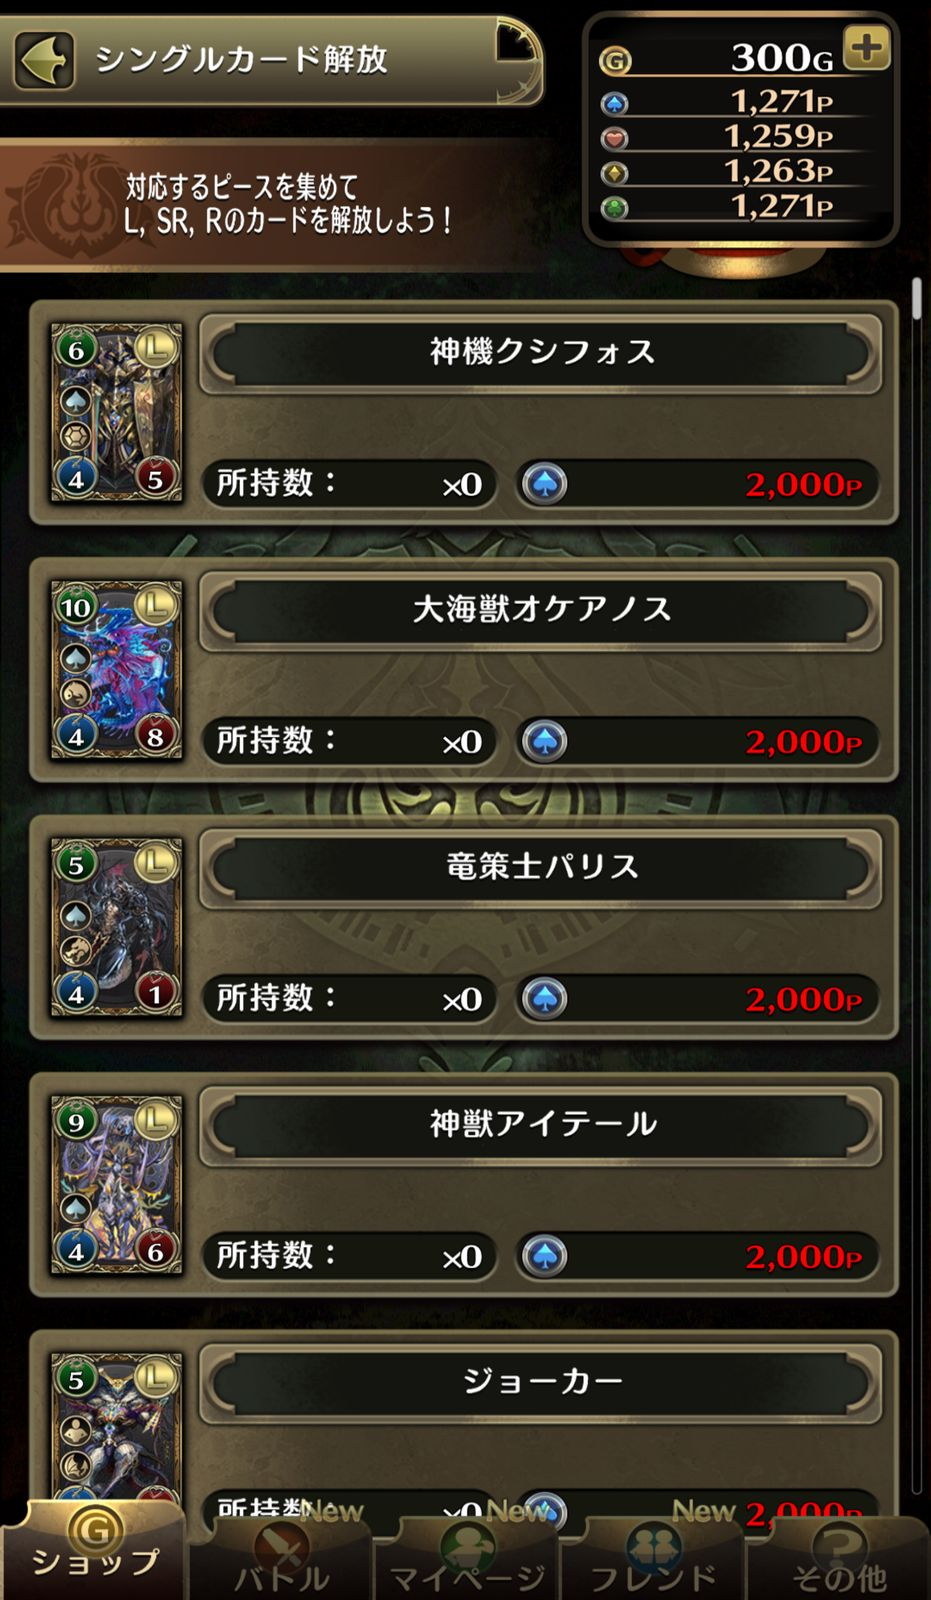 クロノマギア【ゲームレビュー】